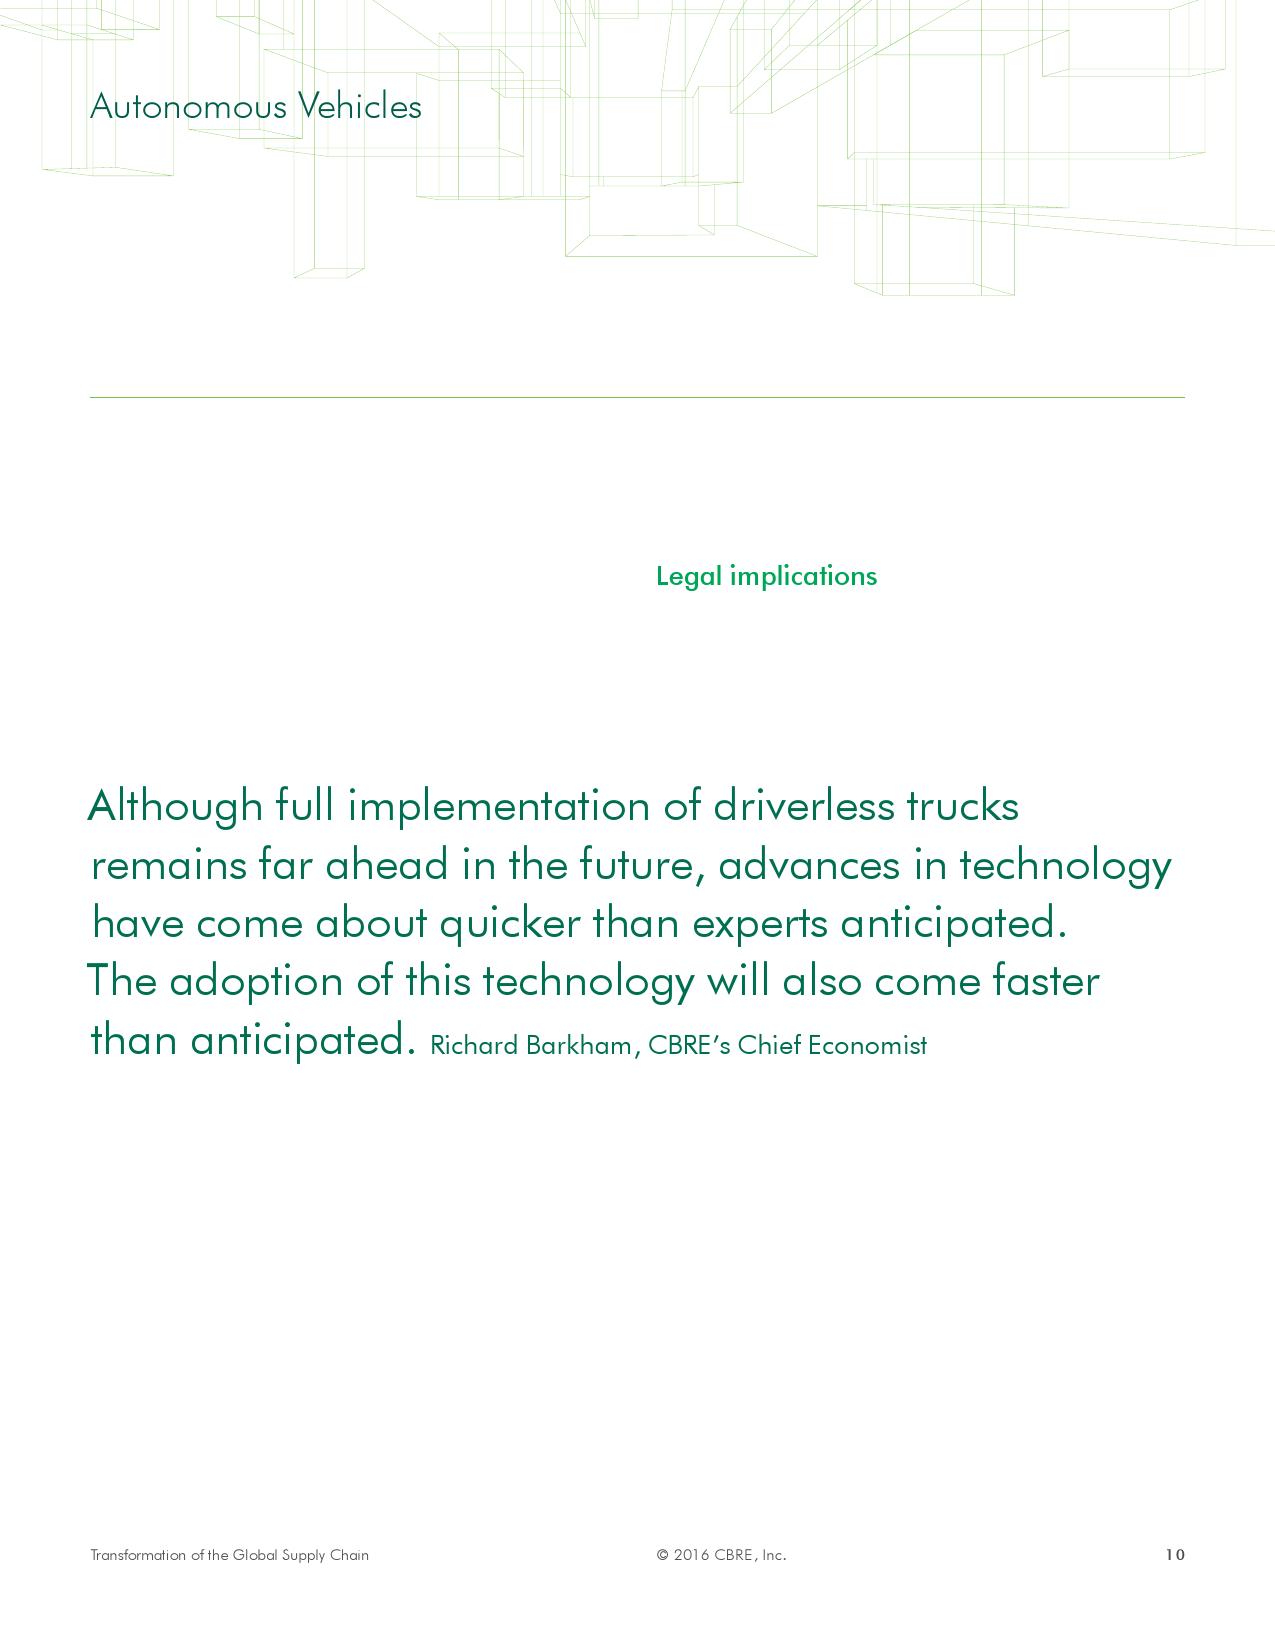 全球供应链升级-自动化技术驱动房地产变革_000010